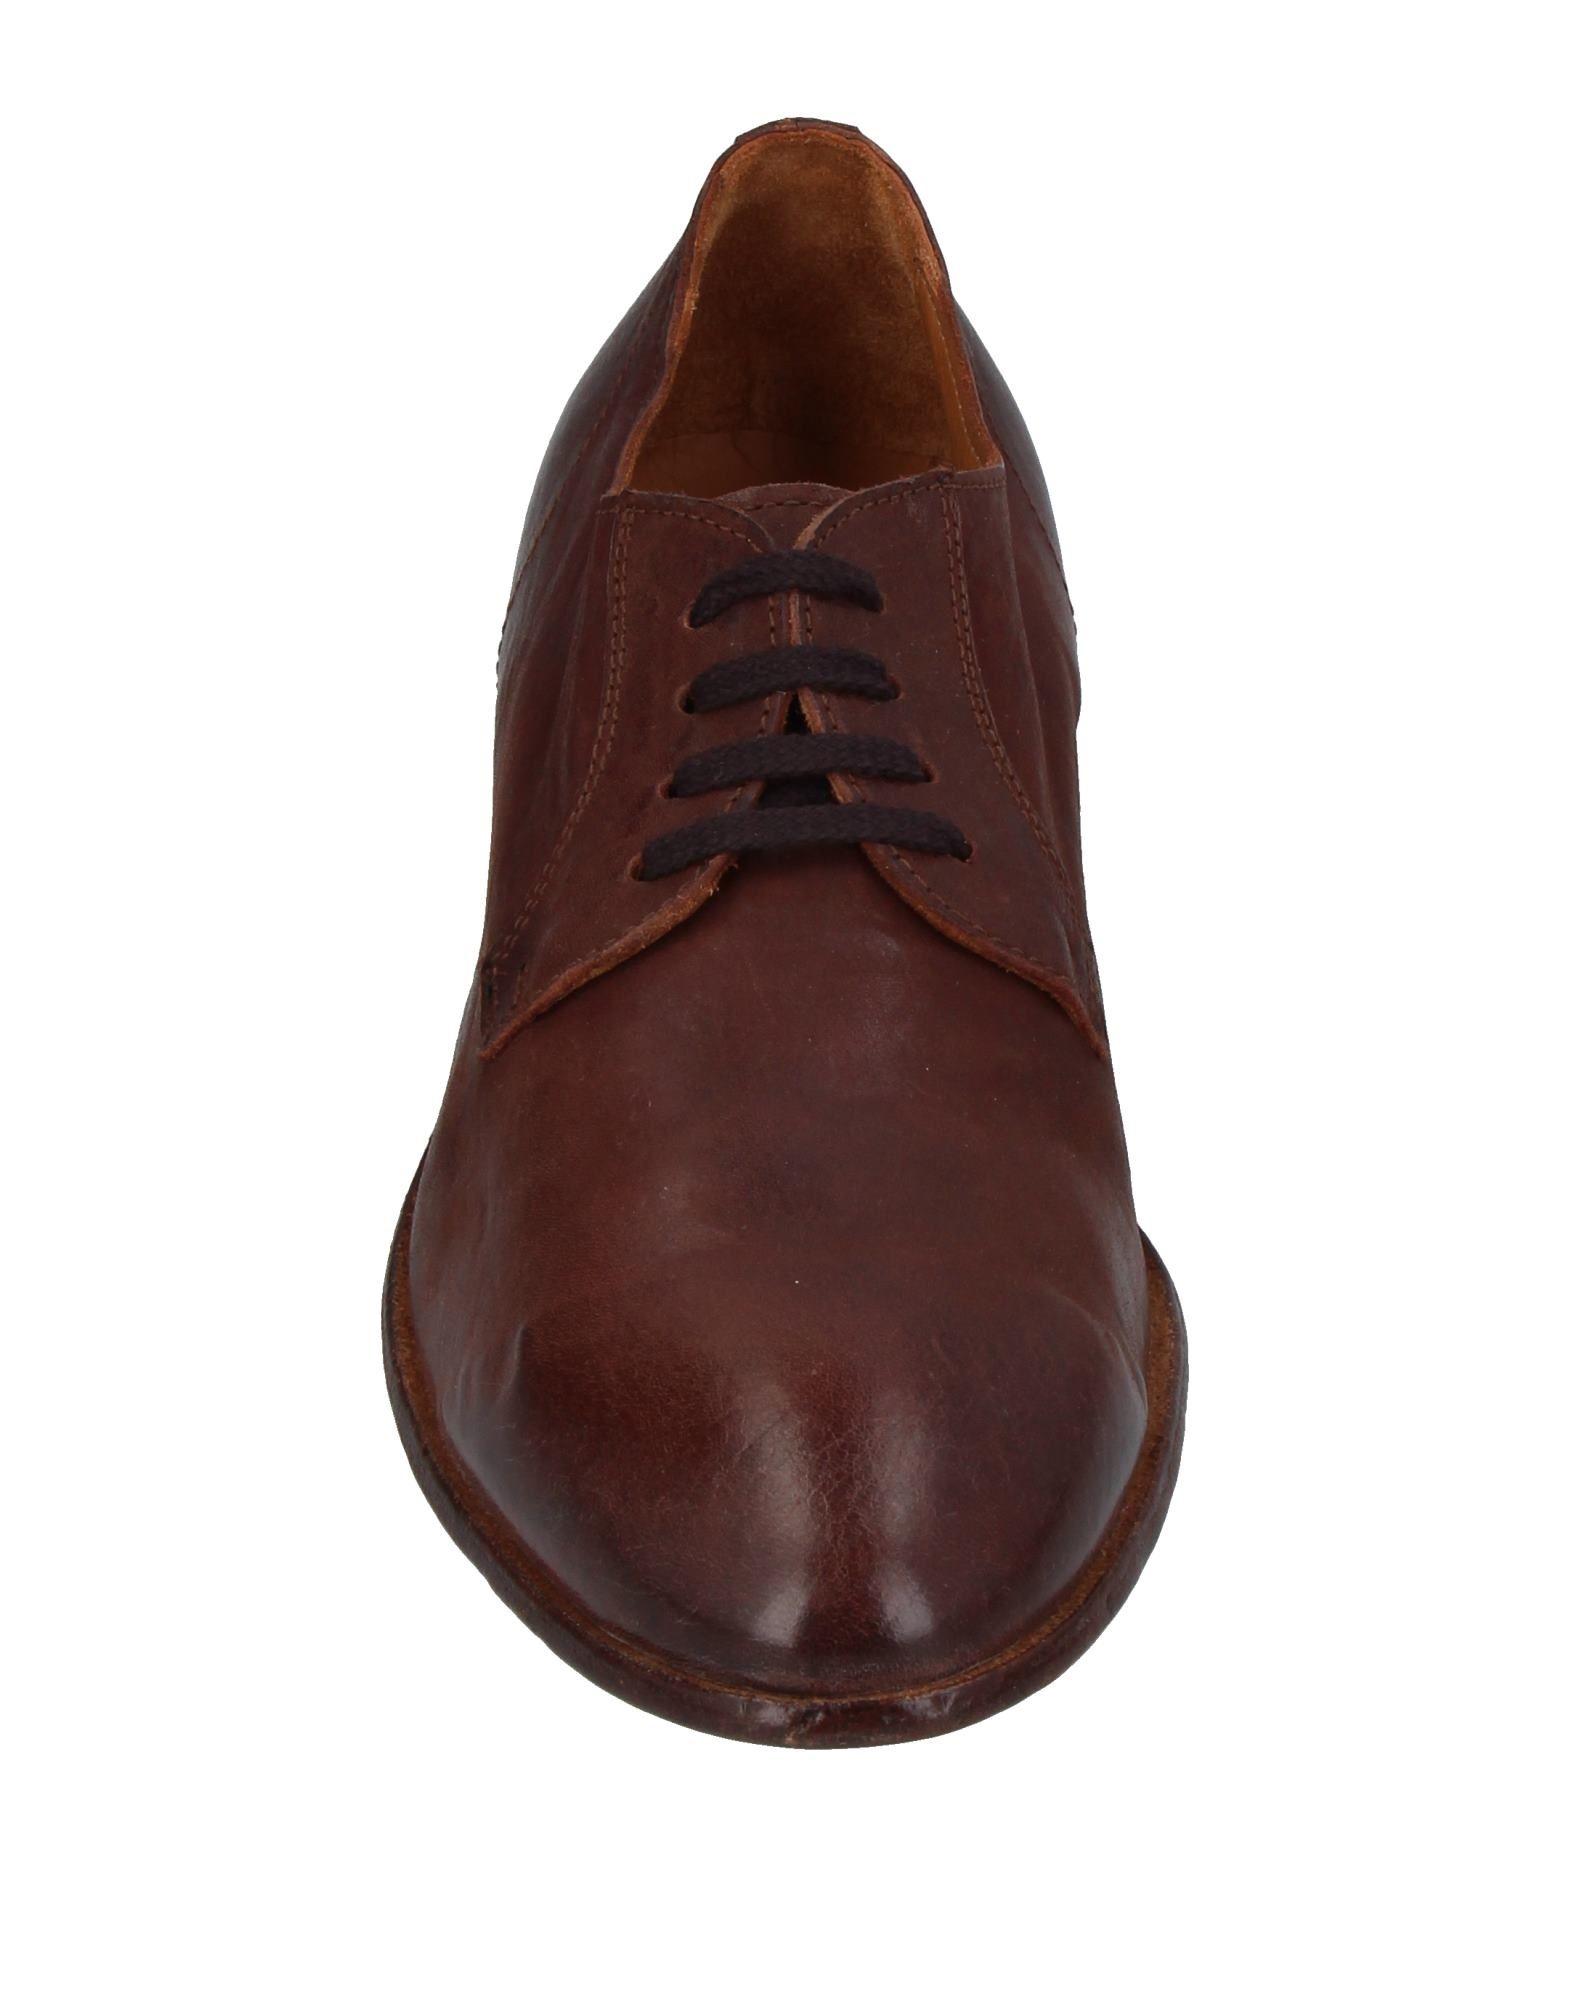 Moma Schnürschuhe Herren  11412042KI Gute Qualität beliebte Schuhe